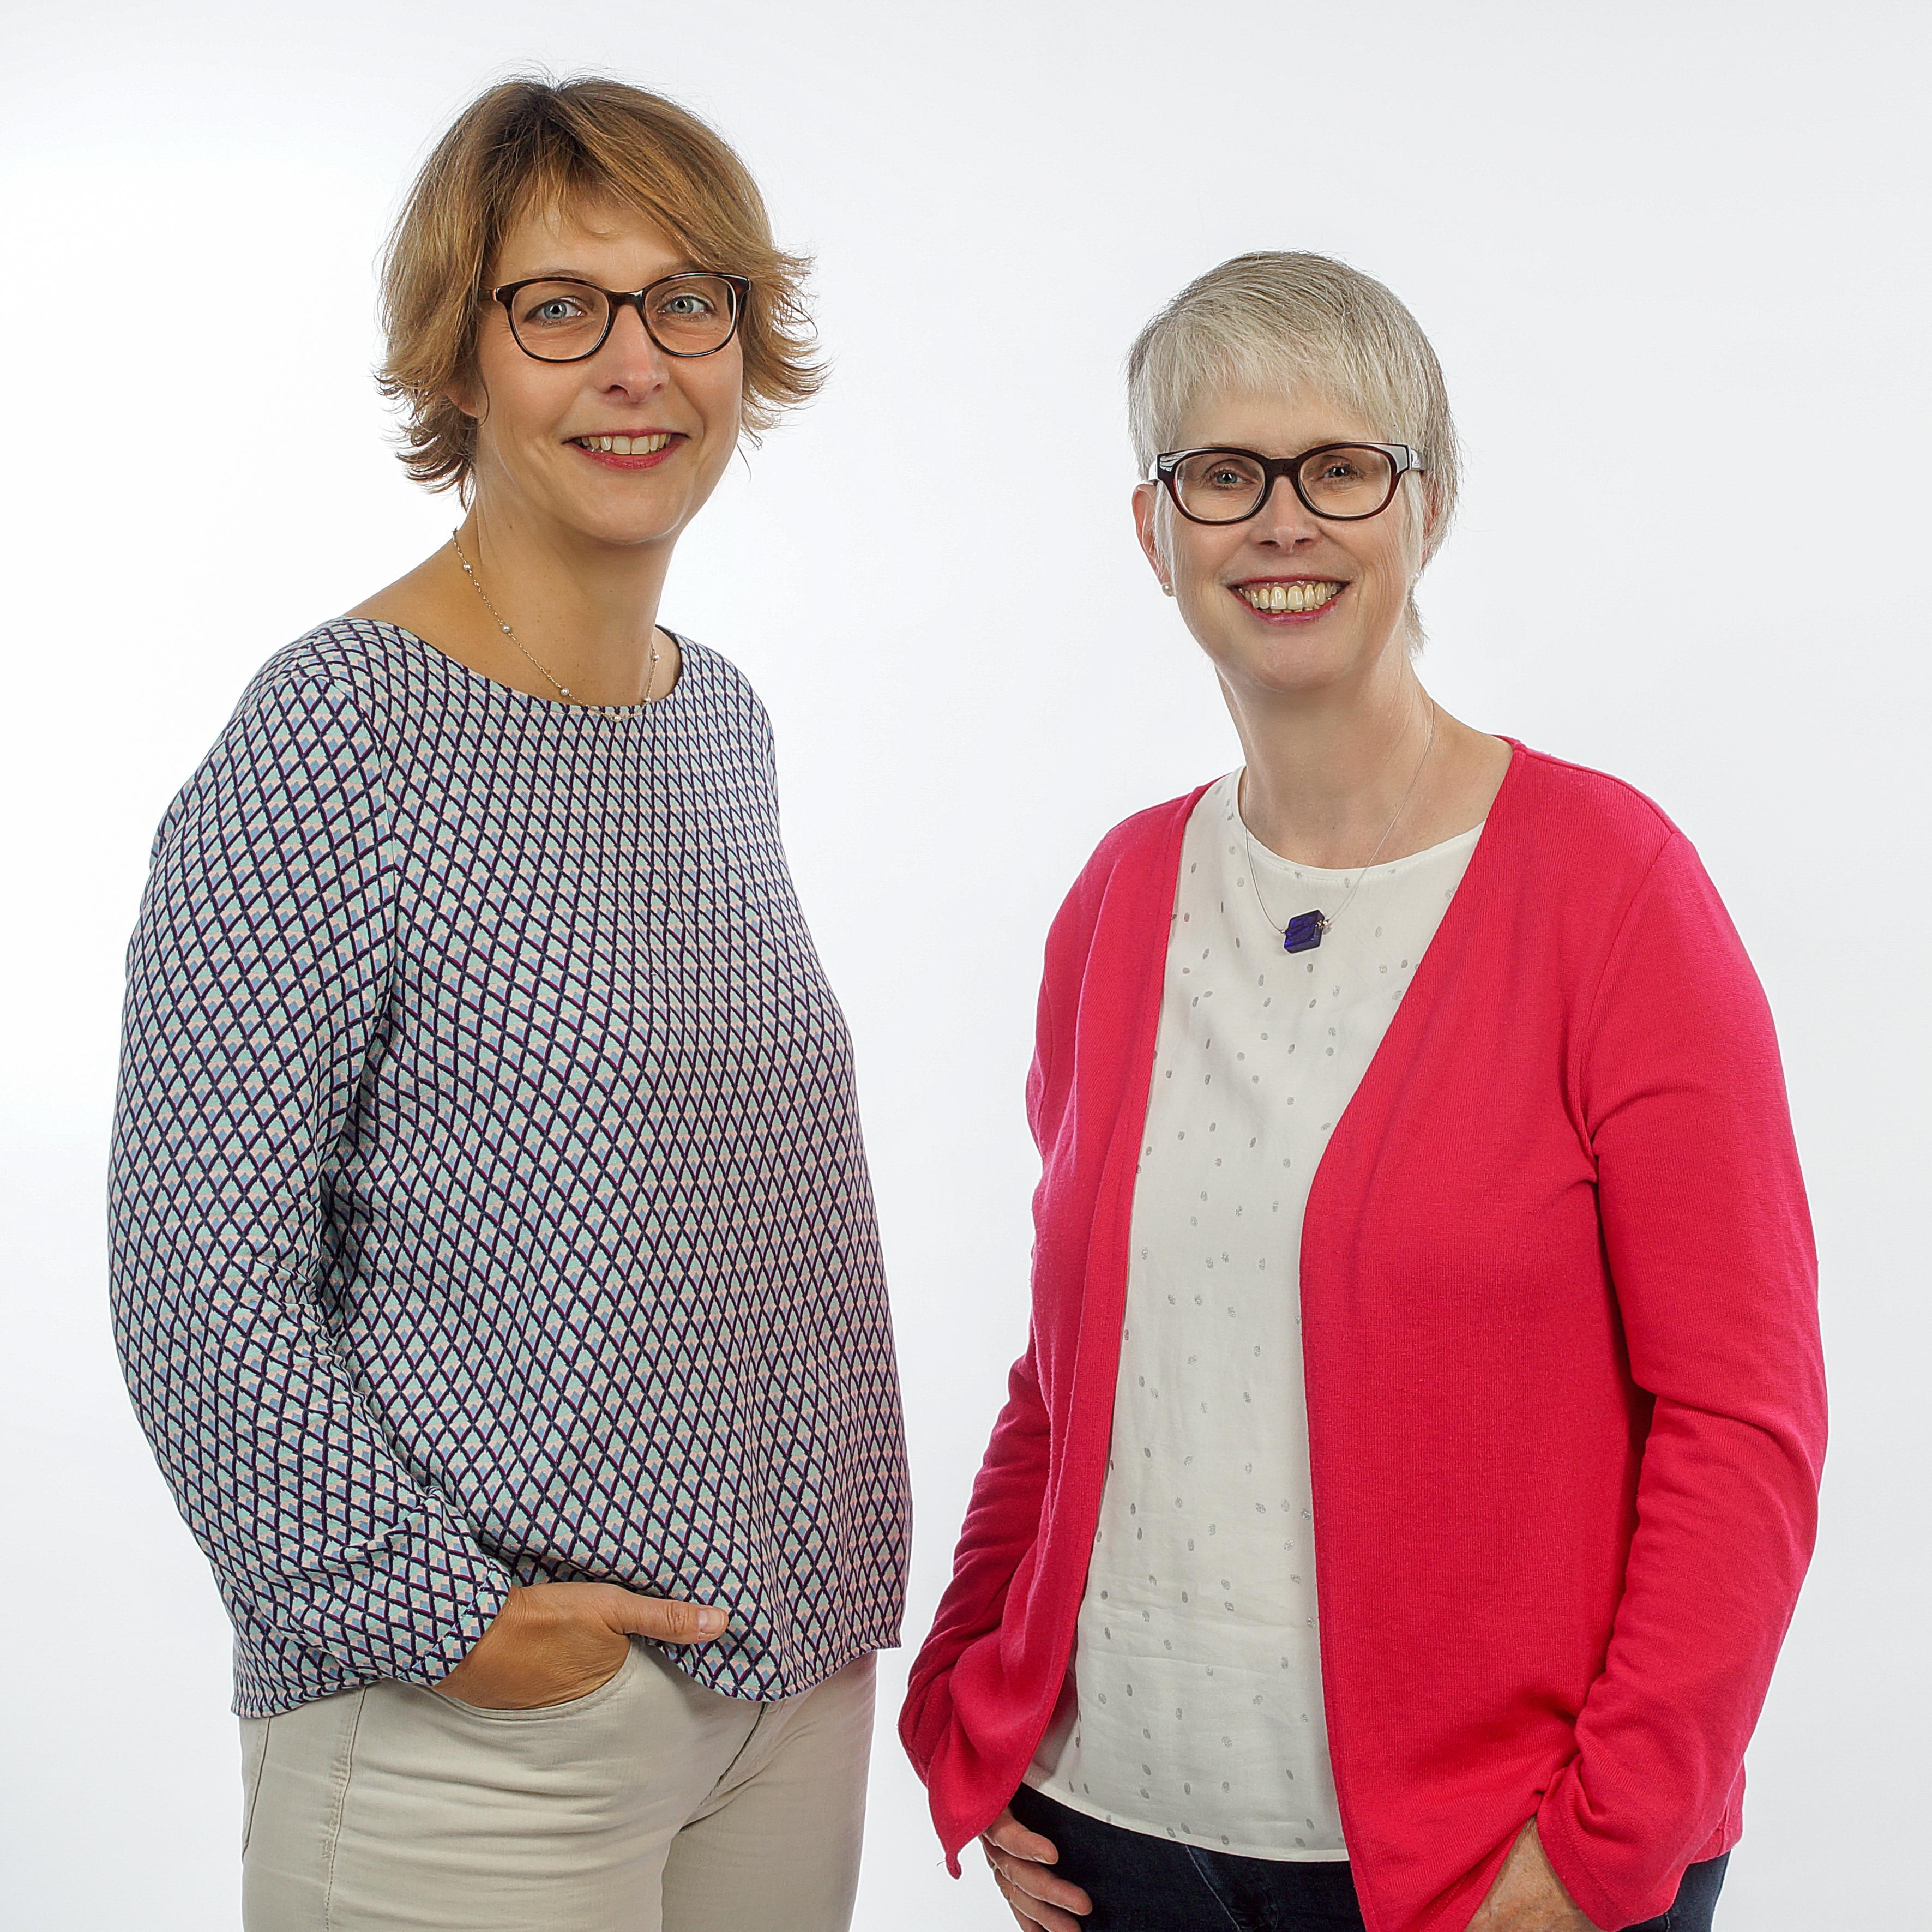 Stellten den Jahresbericht 2017 der Ökumenische Telefonseelsorge Paderborn vor: Leiterin Monika Krieg (rechts) und ihre Stellvertreterin, Pfarrerin Dorothea Wahle-Beer. FOTO: TS PADERBORN